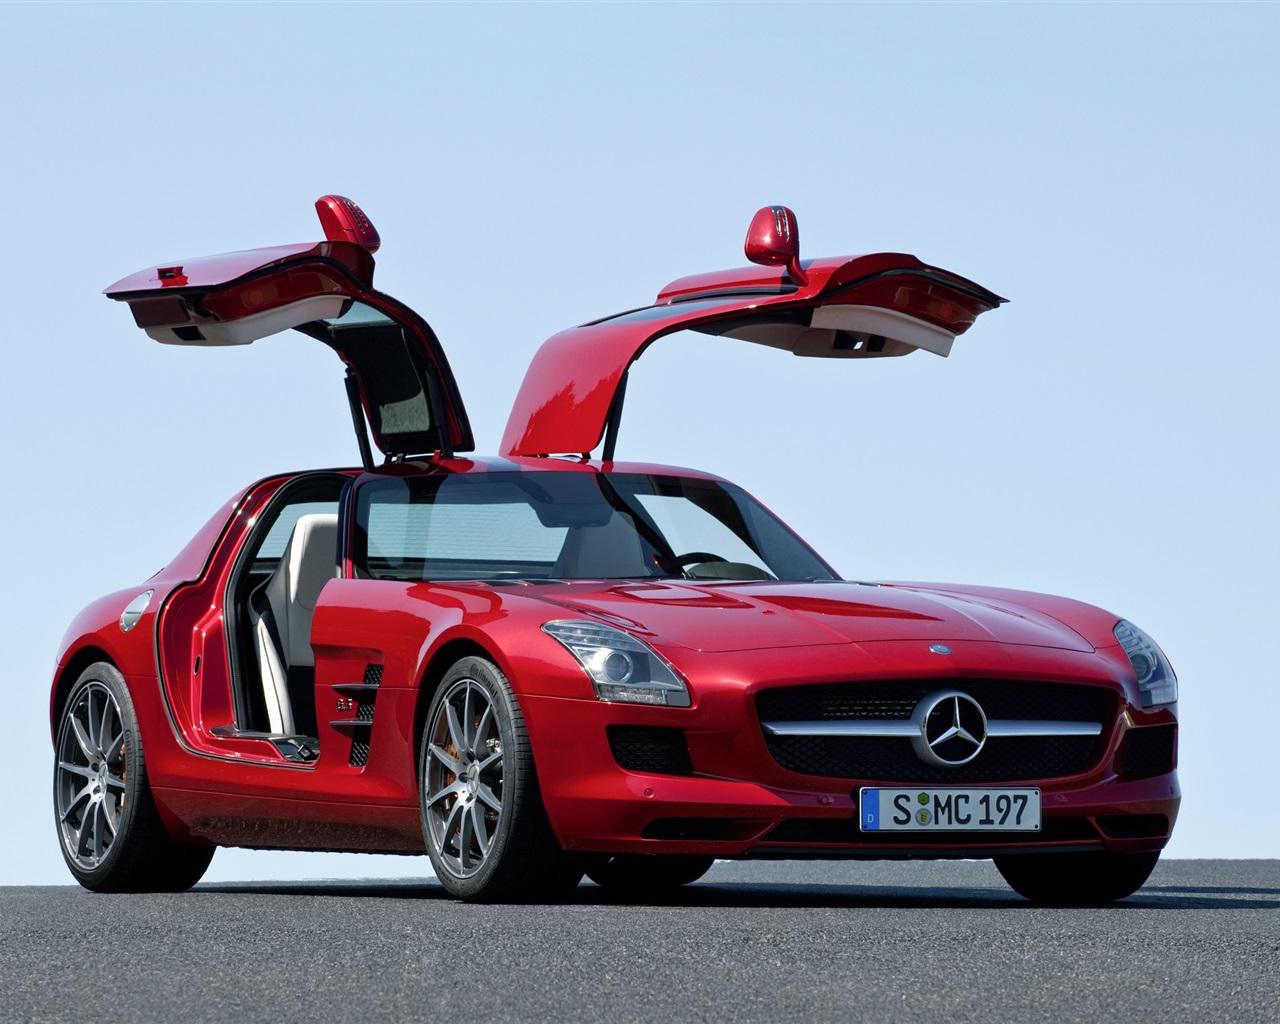 Download wallpaper 1280x1024 2014 mercedes benz sls 63 amg for Mercedes benz sls amg red